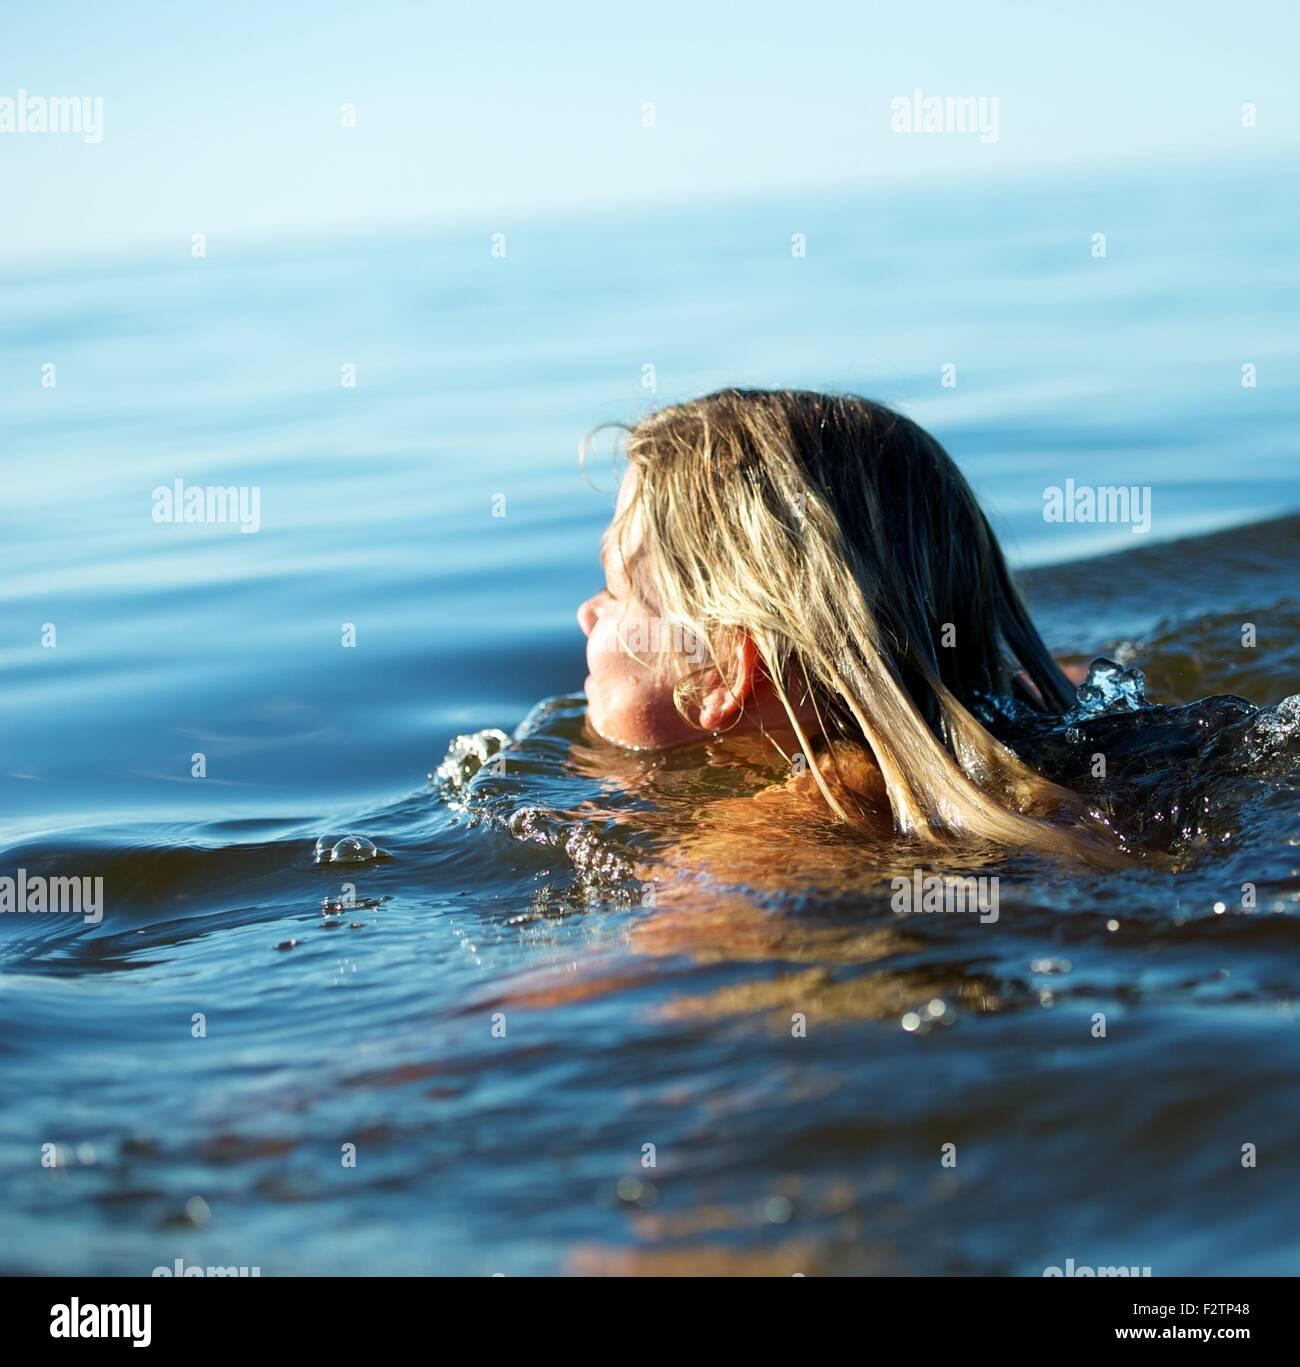 Ragazza nuotare in acqua Immagini Stock